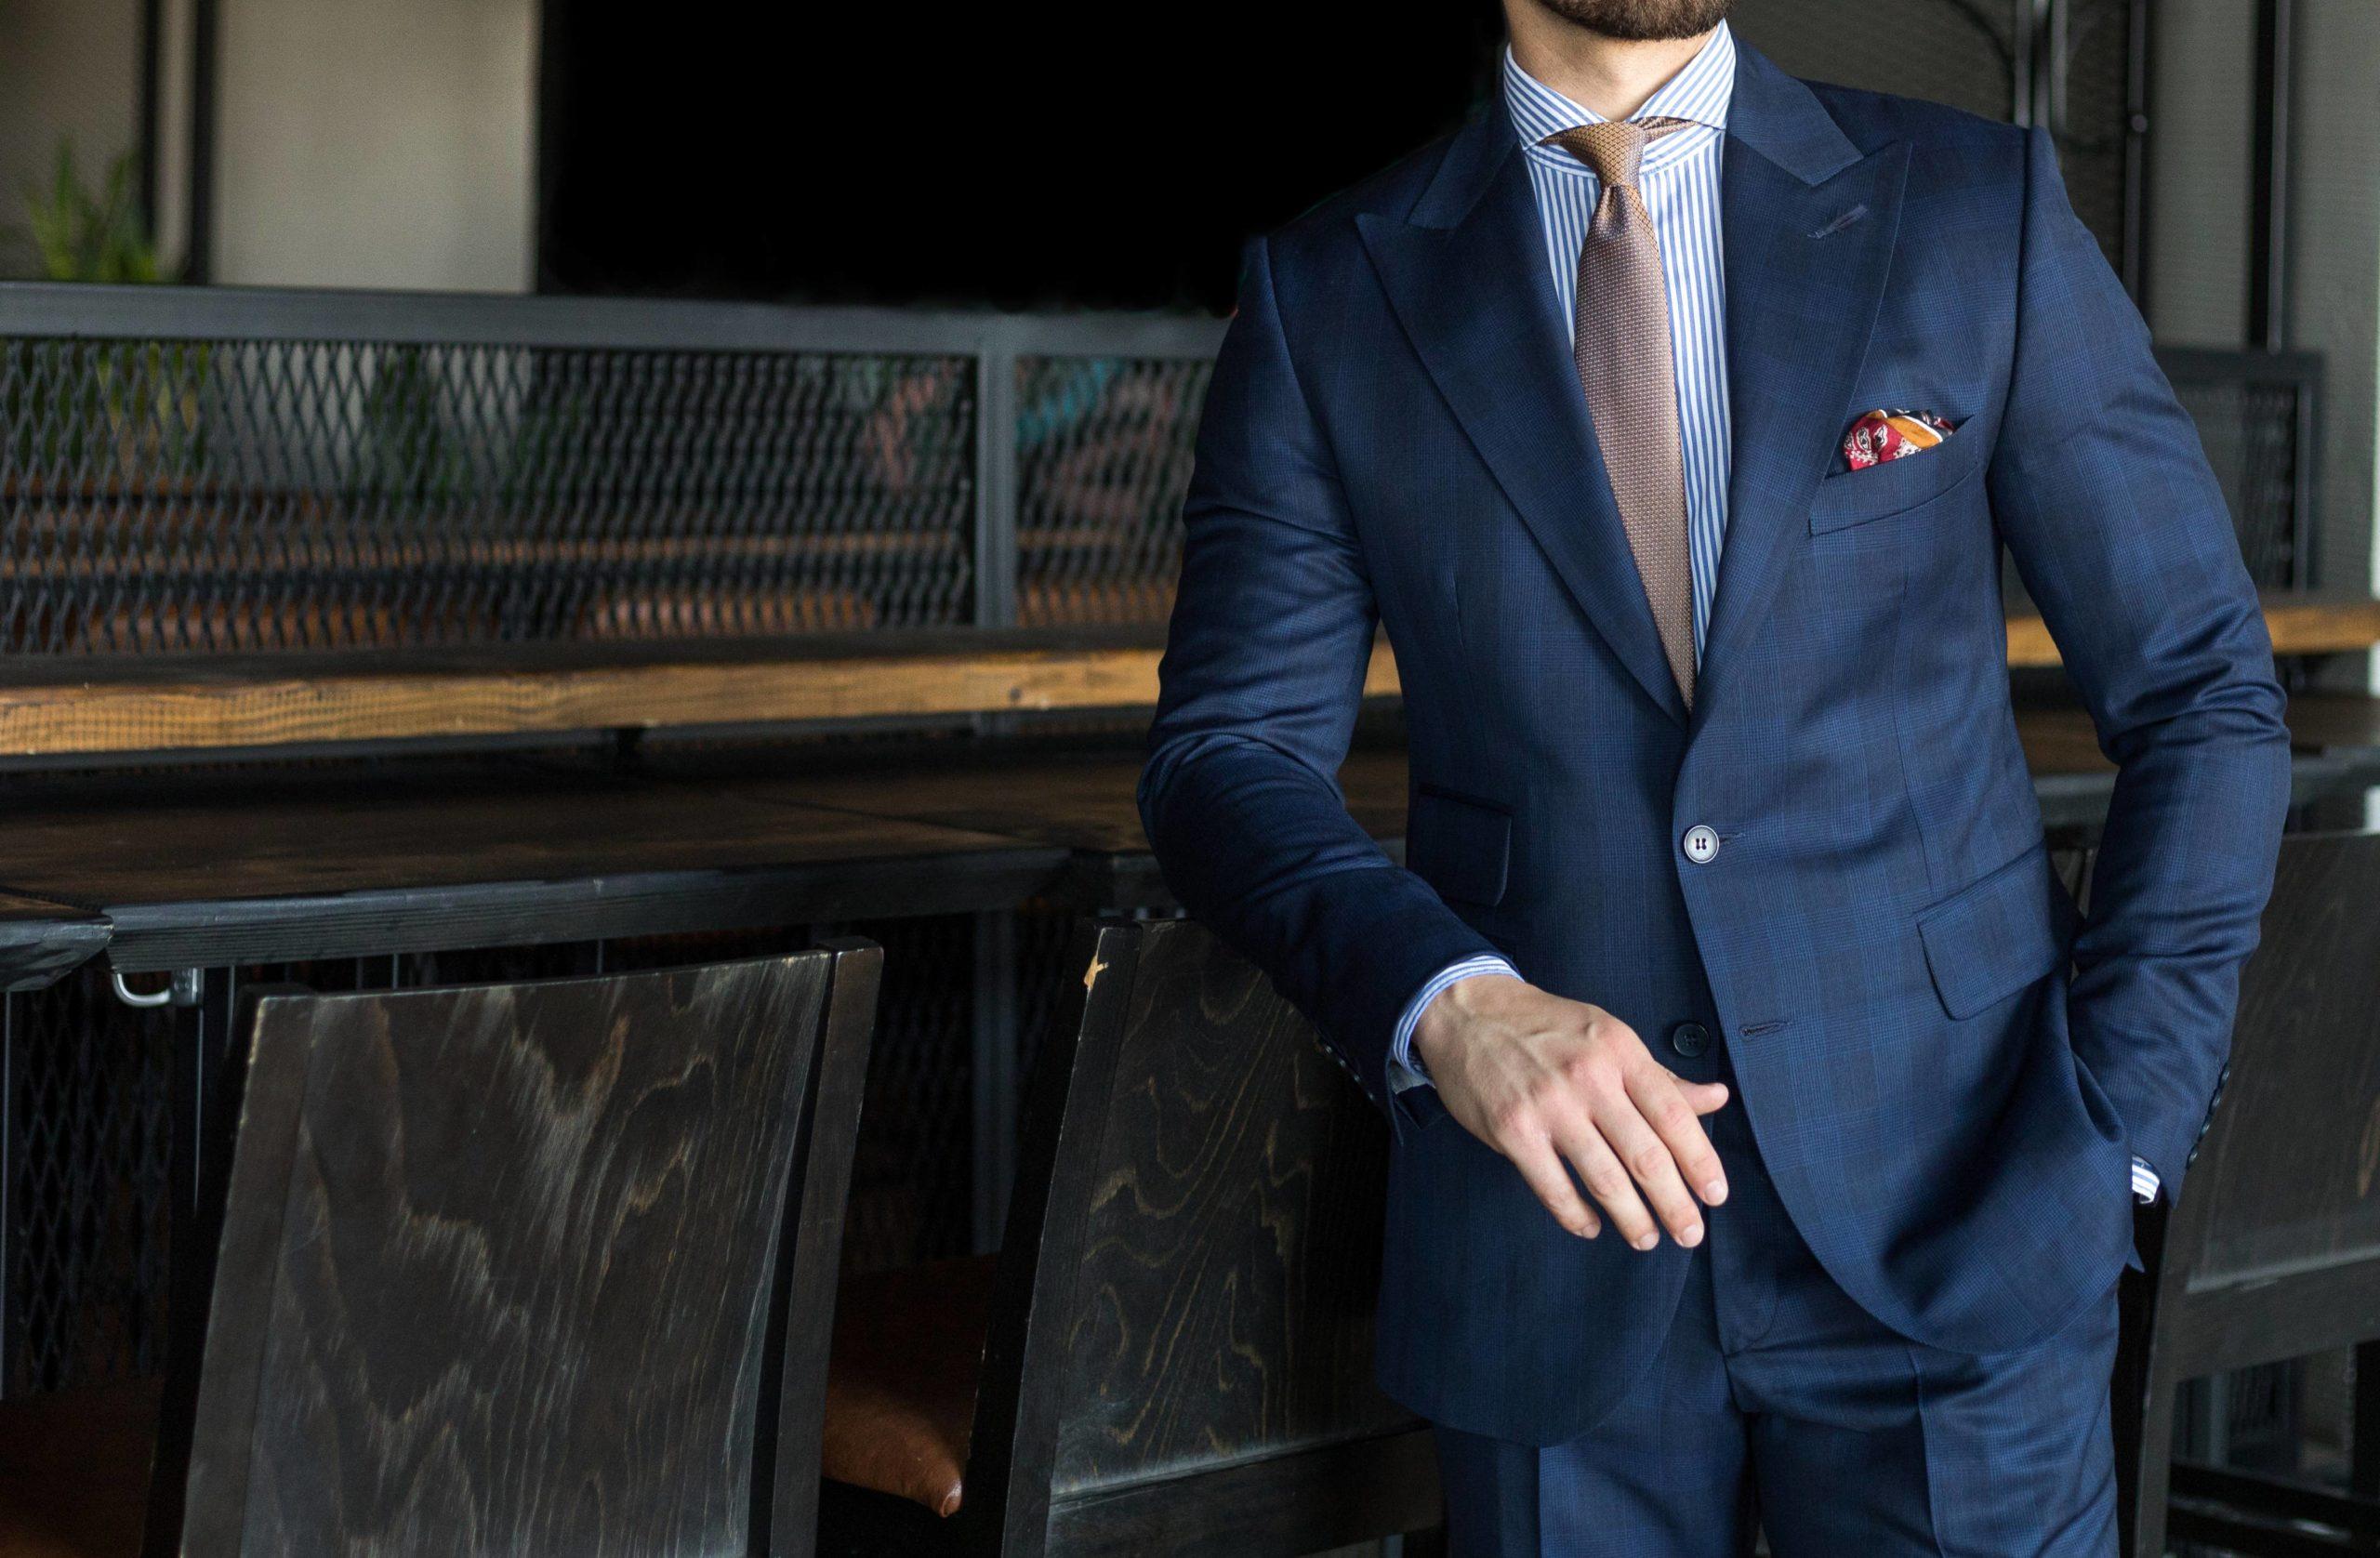 Omawiamy 4 główne typy sylwetki męskiej i podpowiadamy, jak dopasować ubrania do figury